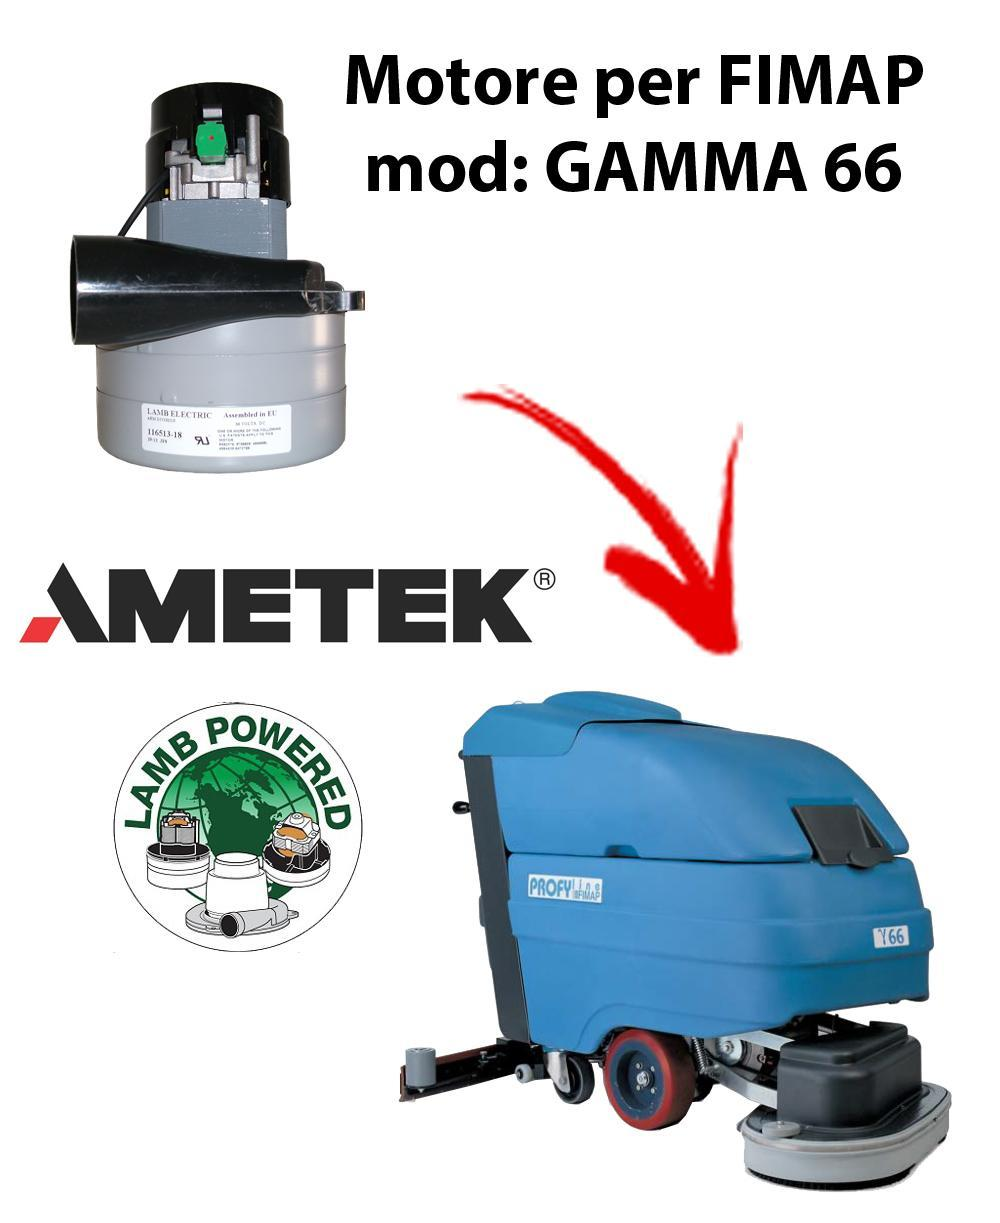 GAMMA 66 MOTEUR ASPIRATION AMETEK pour autolaveuses FIMAP